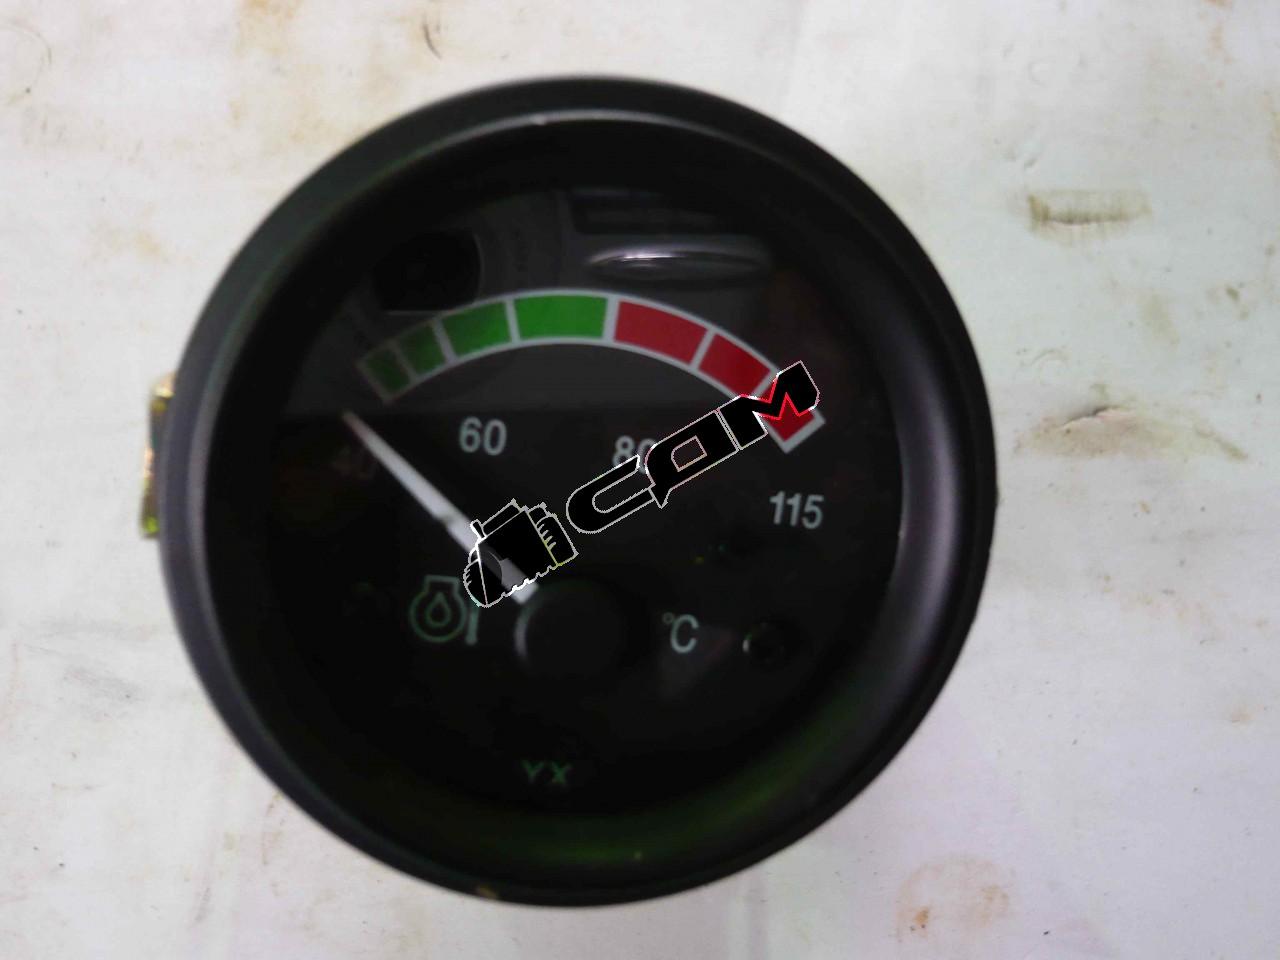 Указатель температуры охлаждающей жидкости двигателя от 40 до 115 град С LONGGONG